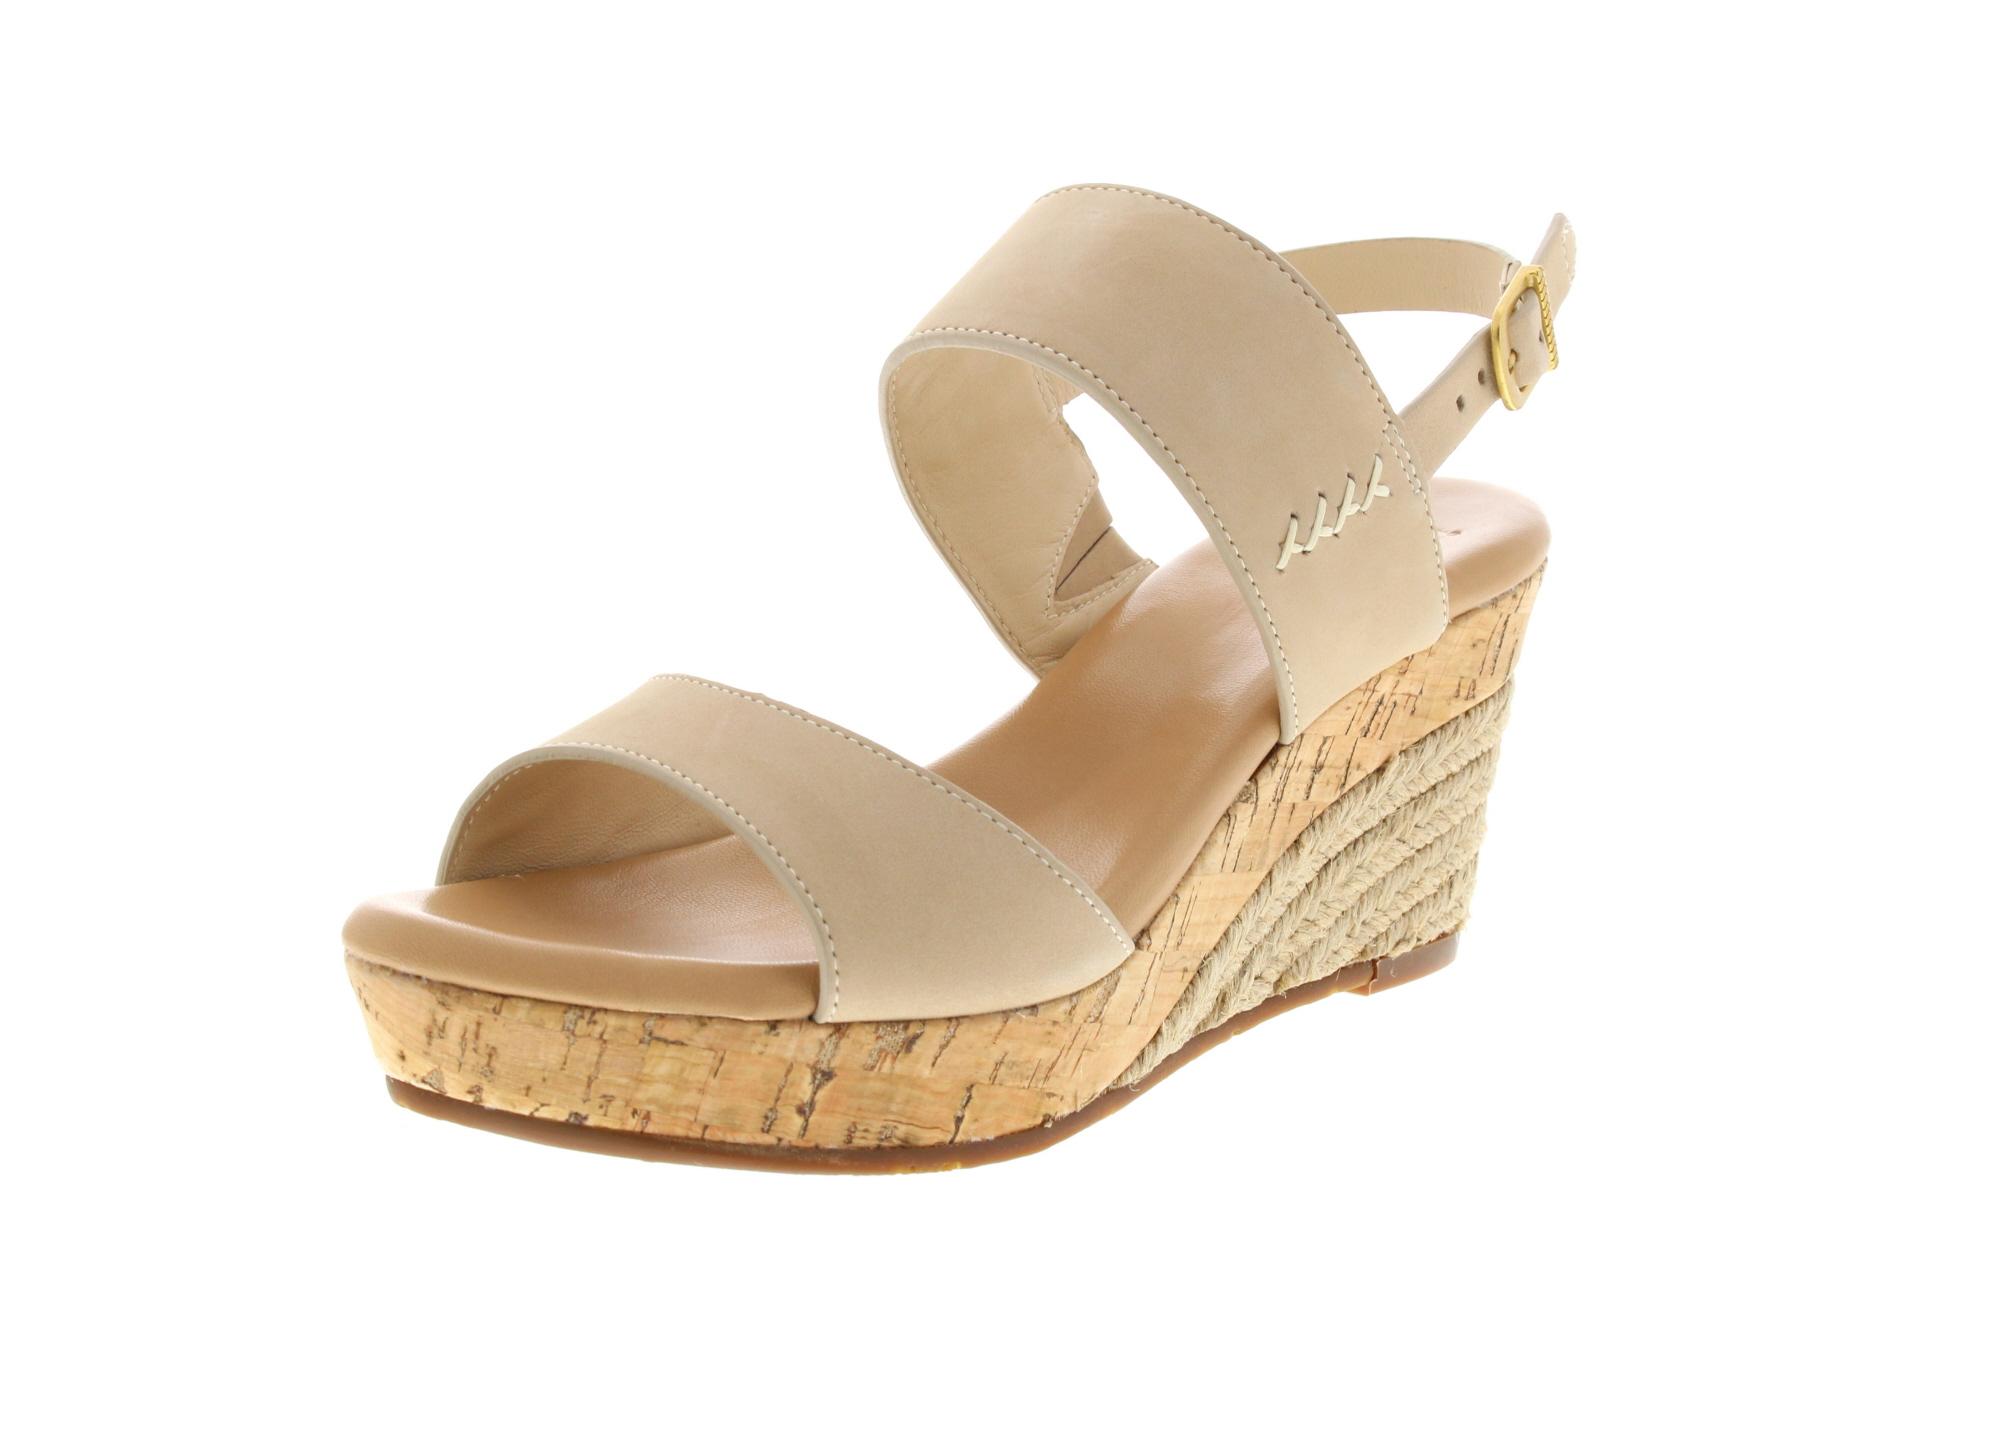 UGG Damen - Keil-Sandalette ELENA 1015098 - horchata-0